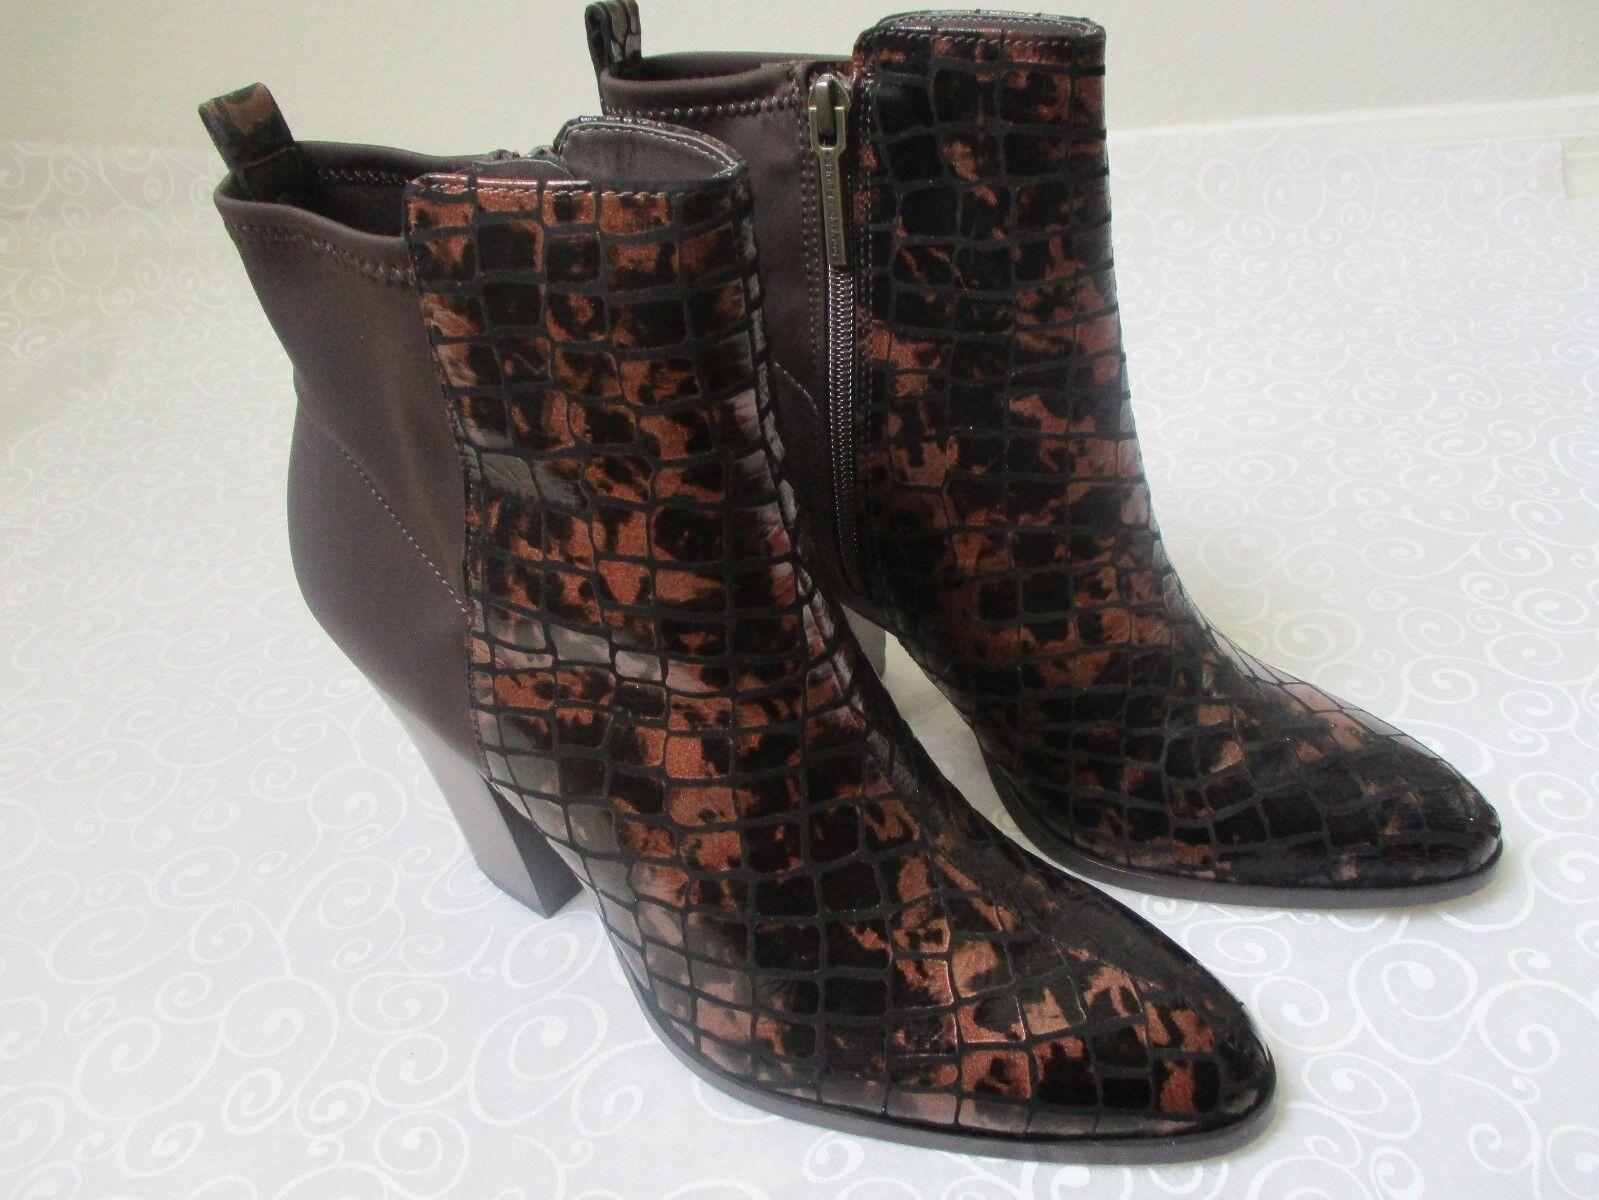 Donald J plinner Sasse Bronce Metálico Crocco Crocco Crocco Tobillo botas Talla 10 M-Nuevo  Sin impuestos